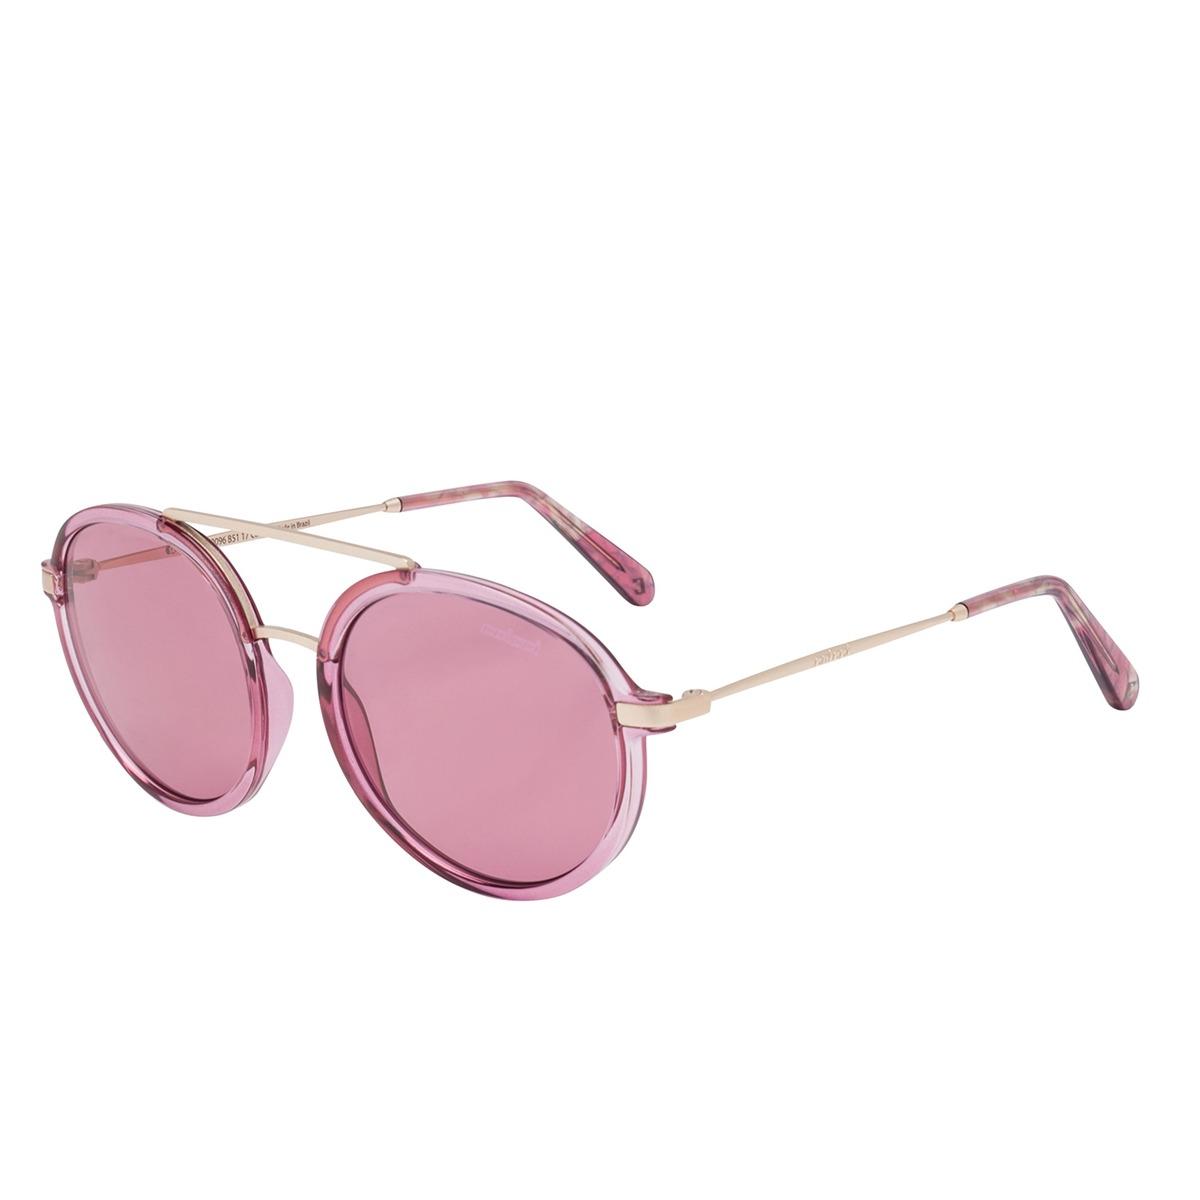 544404a6f óculos de sol rosa translucido e dourado c0096b5117 colcci. Carregando zoom.